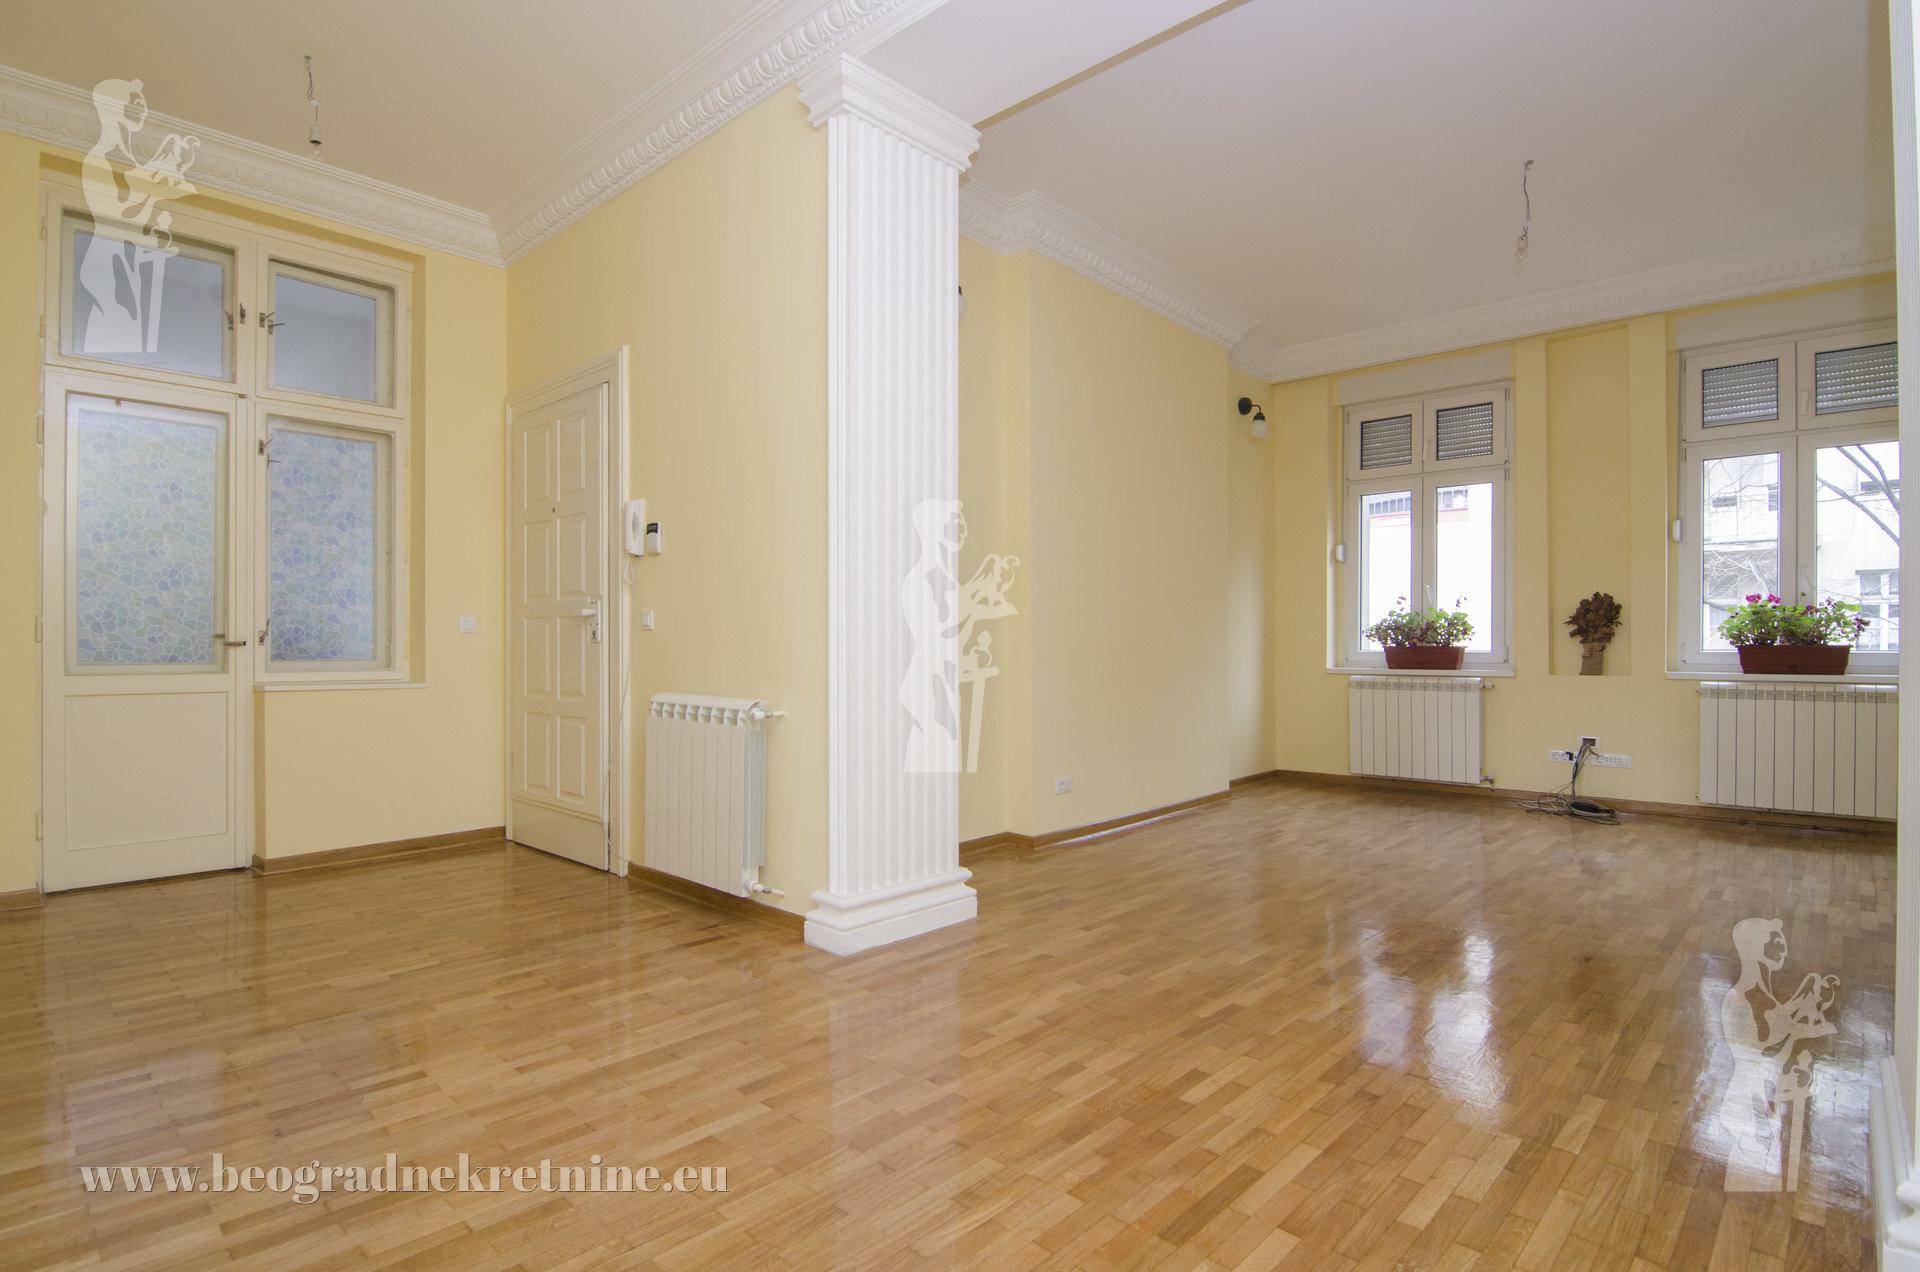 Beograđanka, salonac, 140m2, 1300€, III/VI ID#1823